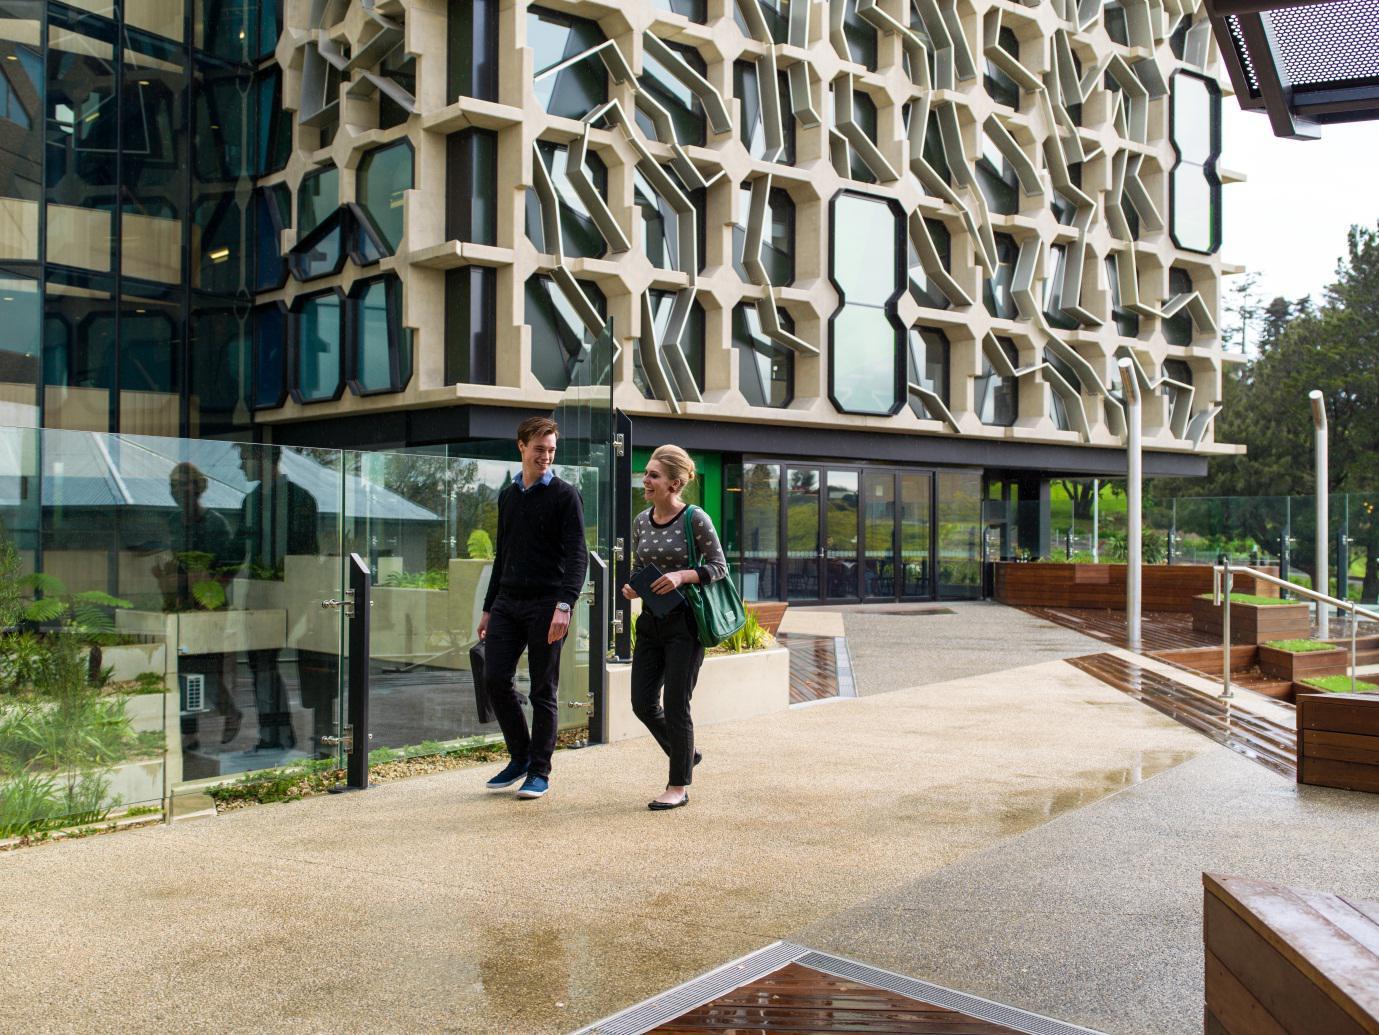 南澳吸引移民魅力不足?转变教育技术是关键